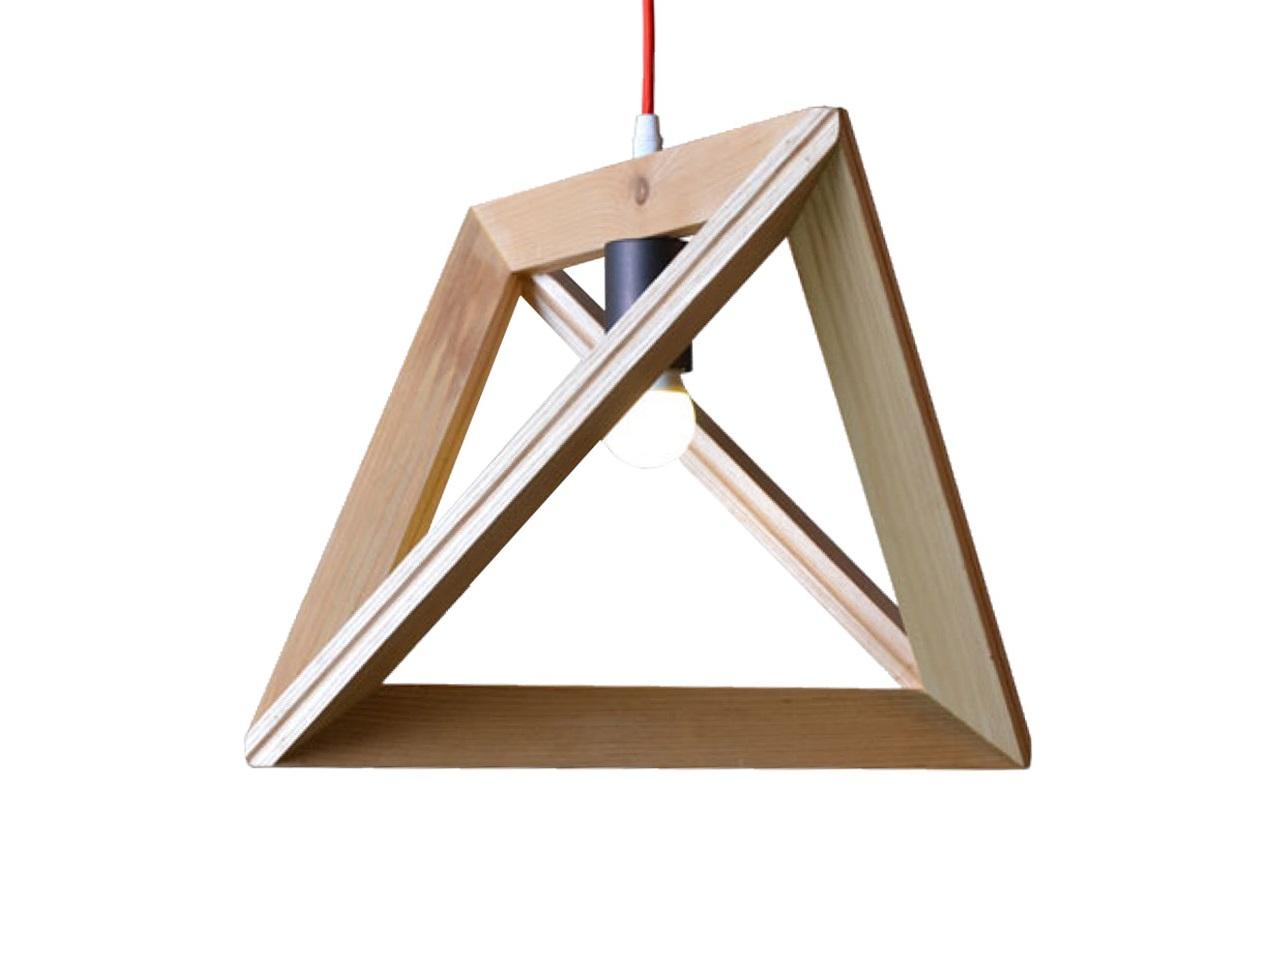 Люстра Diagona Long ChandelierПодвесные светильники<br>&amp;quot;Diagona Long Chandelier&amp;quot; ? это то, что сможет разрушить ваше восприятие правильной геометрии. Светильник привлекает внимание интересными пропорциями, основывающимися на наклонных линиях. Они будоражат воображение, никак не желая укладываться в голове. Несмотря на нетривиальную конструкцию, люстра выглядит элегантно. Сдержанная отделка позволяет ей вписываться как в классические, так и в современные интерьеры.&amp;lt;div&amp;gt;&amp;lt;br&amp;gt;&amp;lt;/div&amp;gt;&amp;lt;div&amp;gt;Подвесной светильник на проводе красного цвета.&amp;lt;/div&amp;gt;&amp;lt;div&amp;gt;Плафон выполнен из светло-коричневого дерева.&amp;lt;/div&amp;gt;&amp;lt;div&amp;gt;Высота светильника регулируется.&amp;lt;/div&amp;gt;&amp;lt;div&amp;gt;Цоколь: E27&amp;lt;/div&amp;gt;&amp;lt;div&amp;gt;Мощность: 40W&amp;lt;/div&amp;gt;&amp;lt;div&amp;gt;Количество ламп: 1&amp;lt;/div&amp;gt;&amp;lt;div&amp;gt;Лампа в комплект не входит&amp;lt;/div&amp;gt;<br><br>Material: Дерево<br>Height см: 31<br>Diameter см: 59